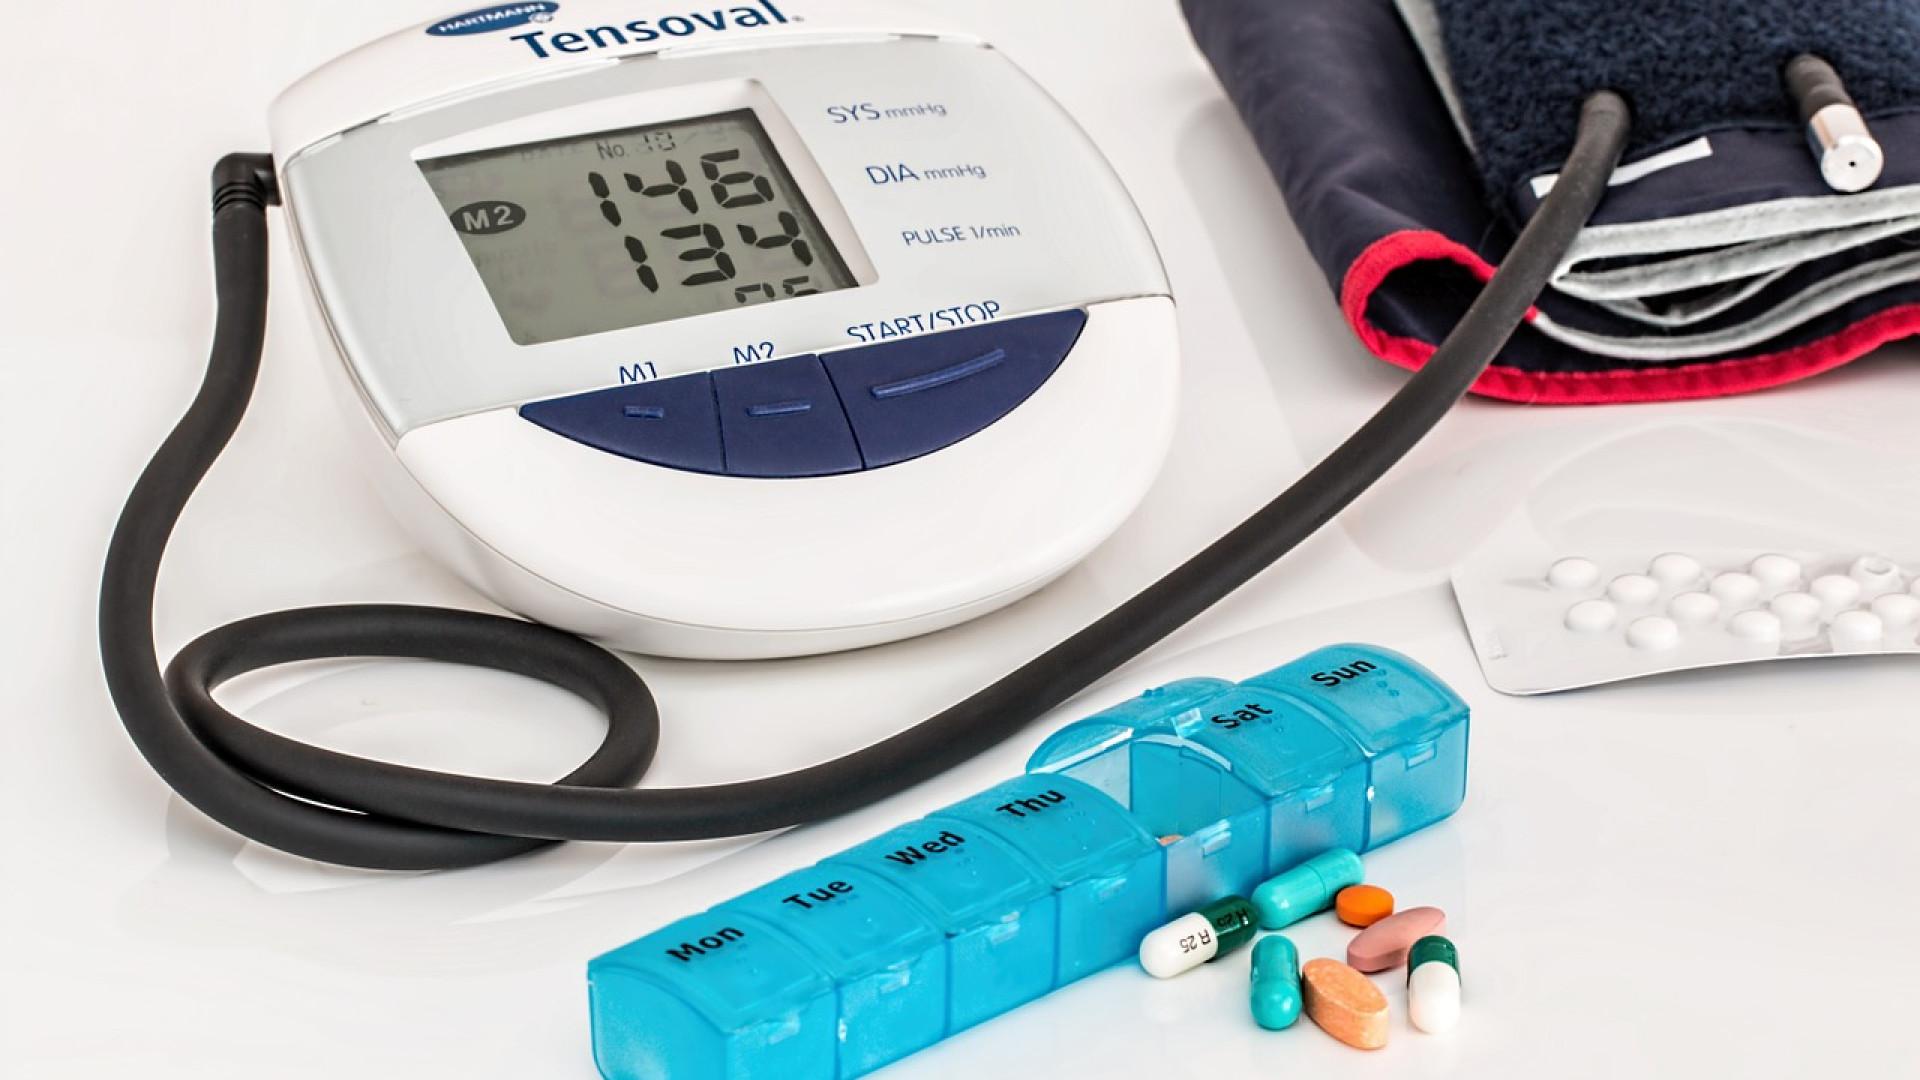 Achat De Défibrillateur : Quels Sont Les Critères De Choix ? 1